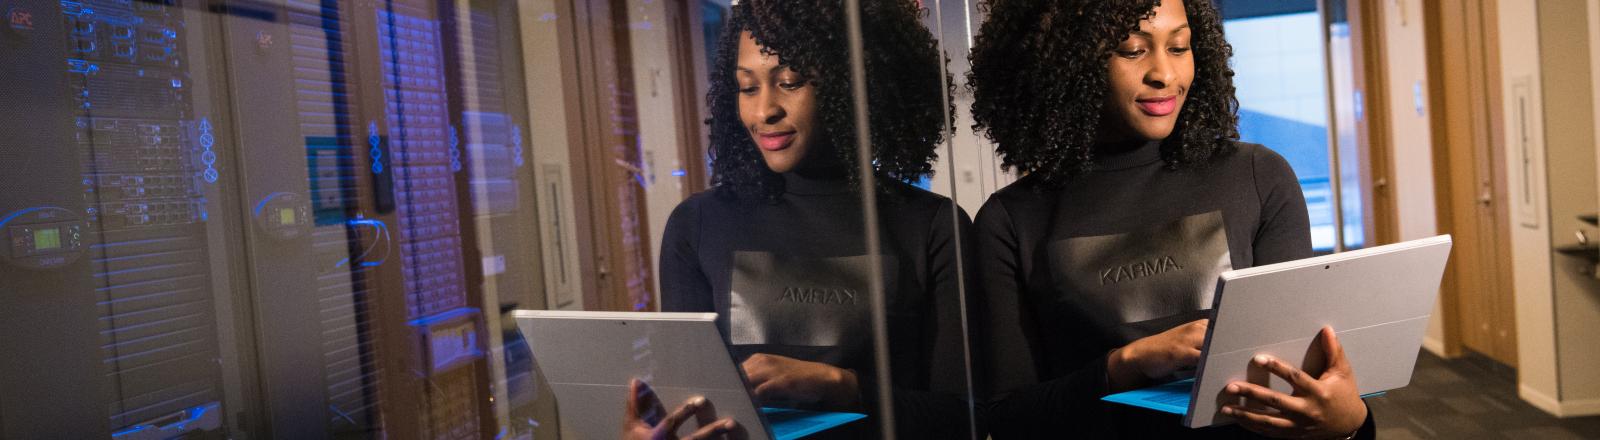 Eine Frau lehnt an einer Glaswand und hält ein Notebook in der Hand.